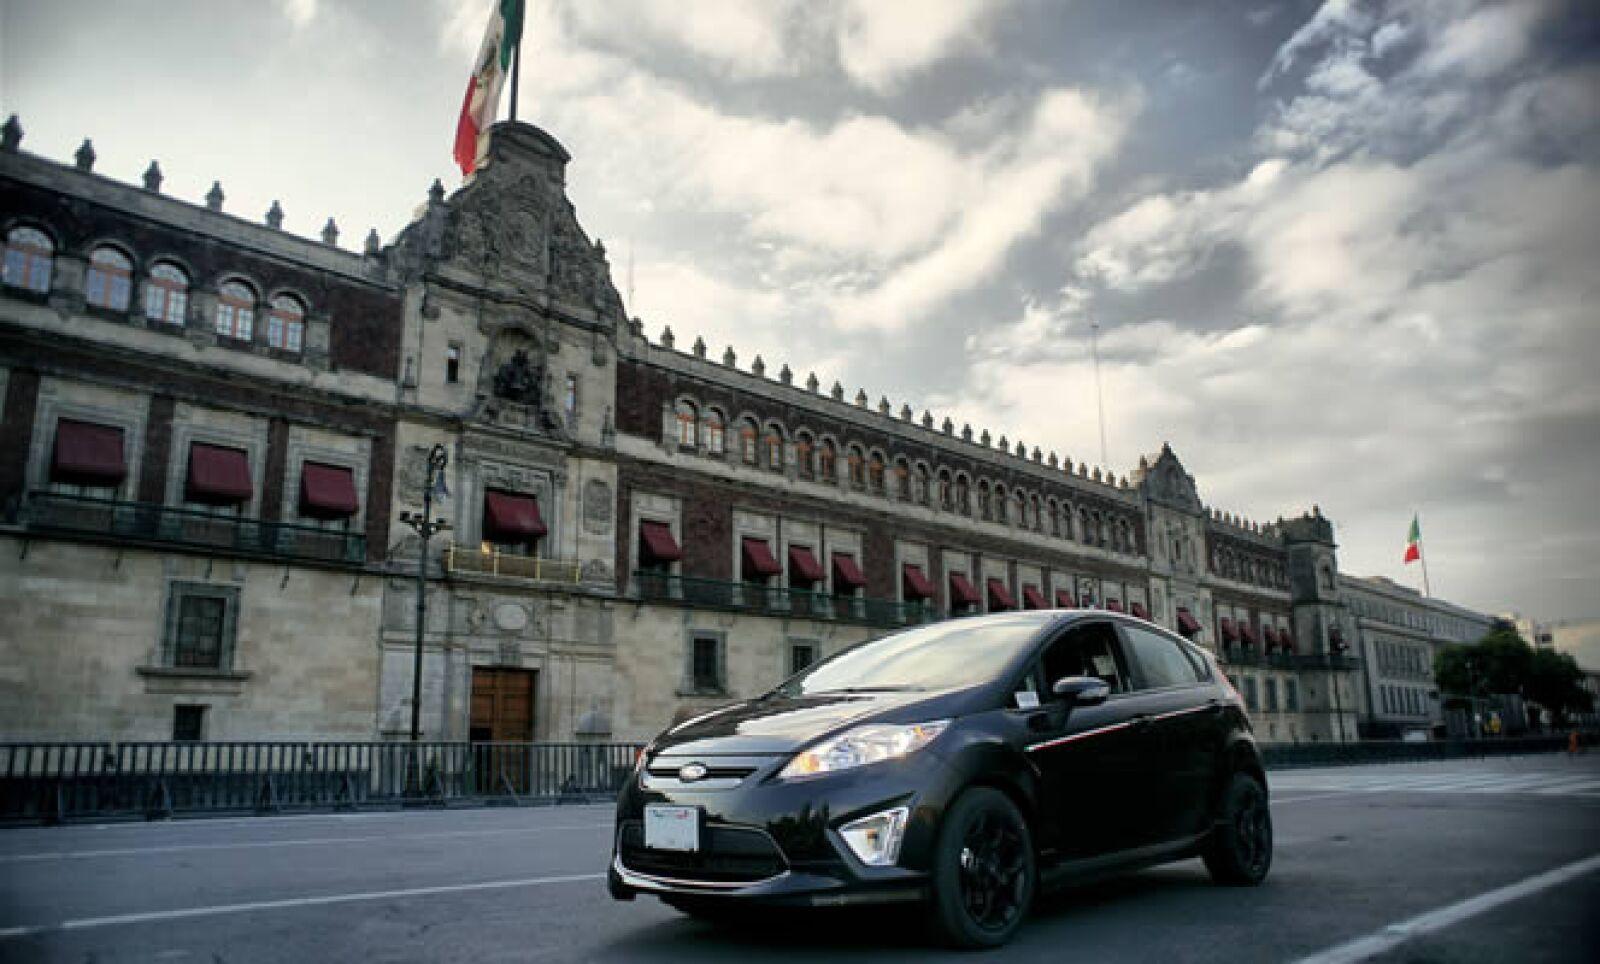 Ford presentó su modelo Fiesta 200, una edición especial y conmemorativa para el bicentenario de México.